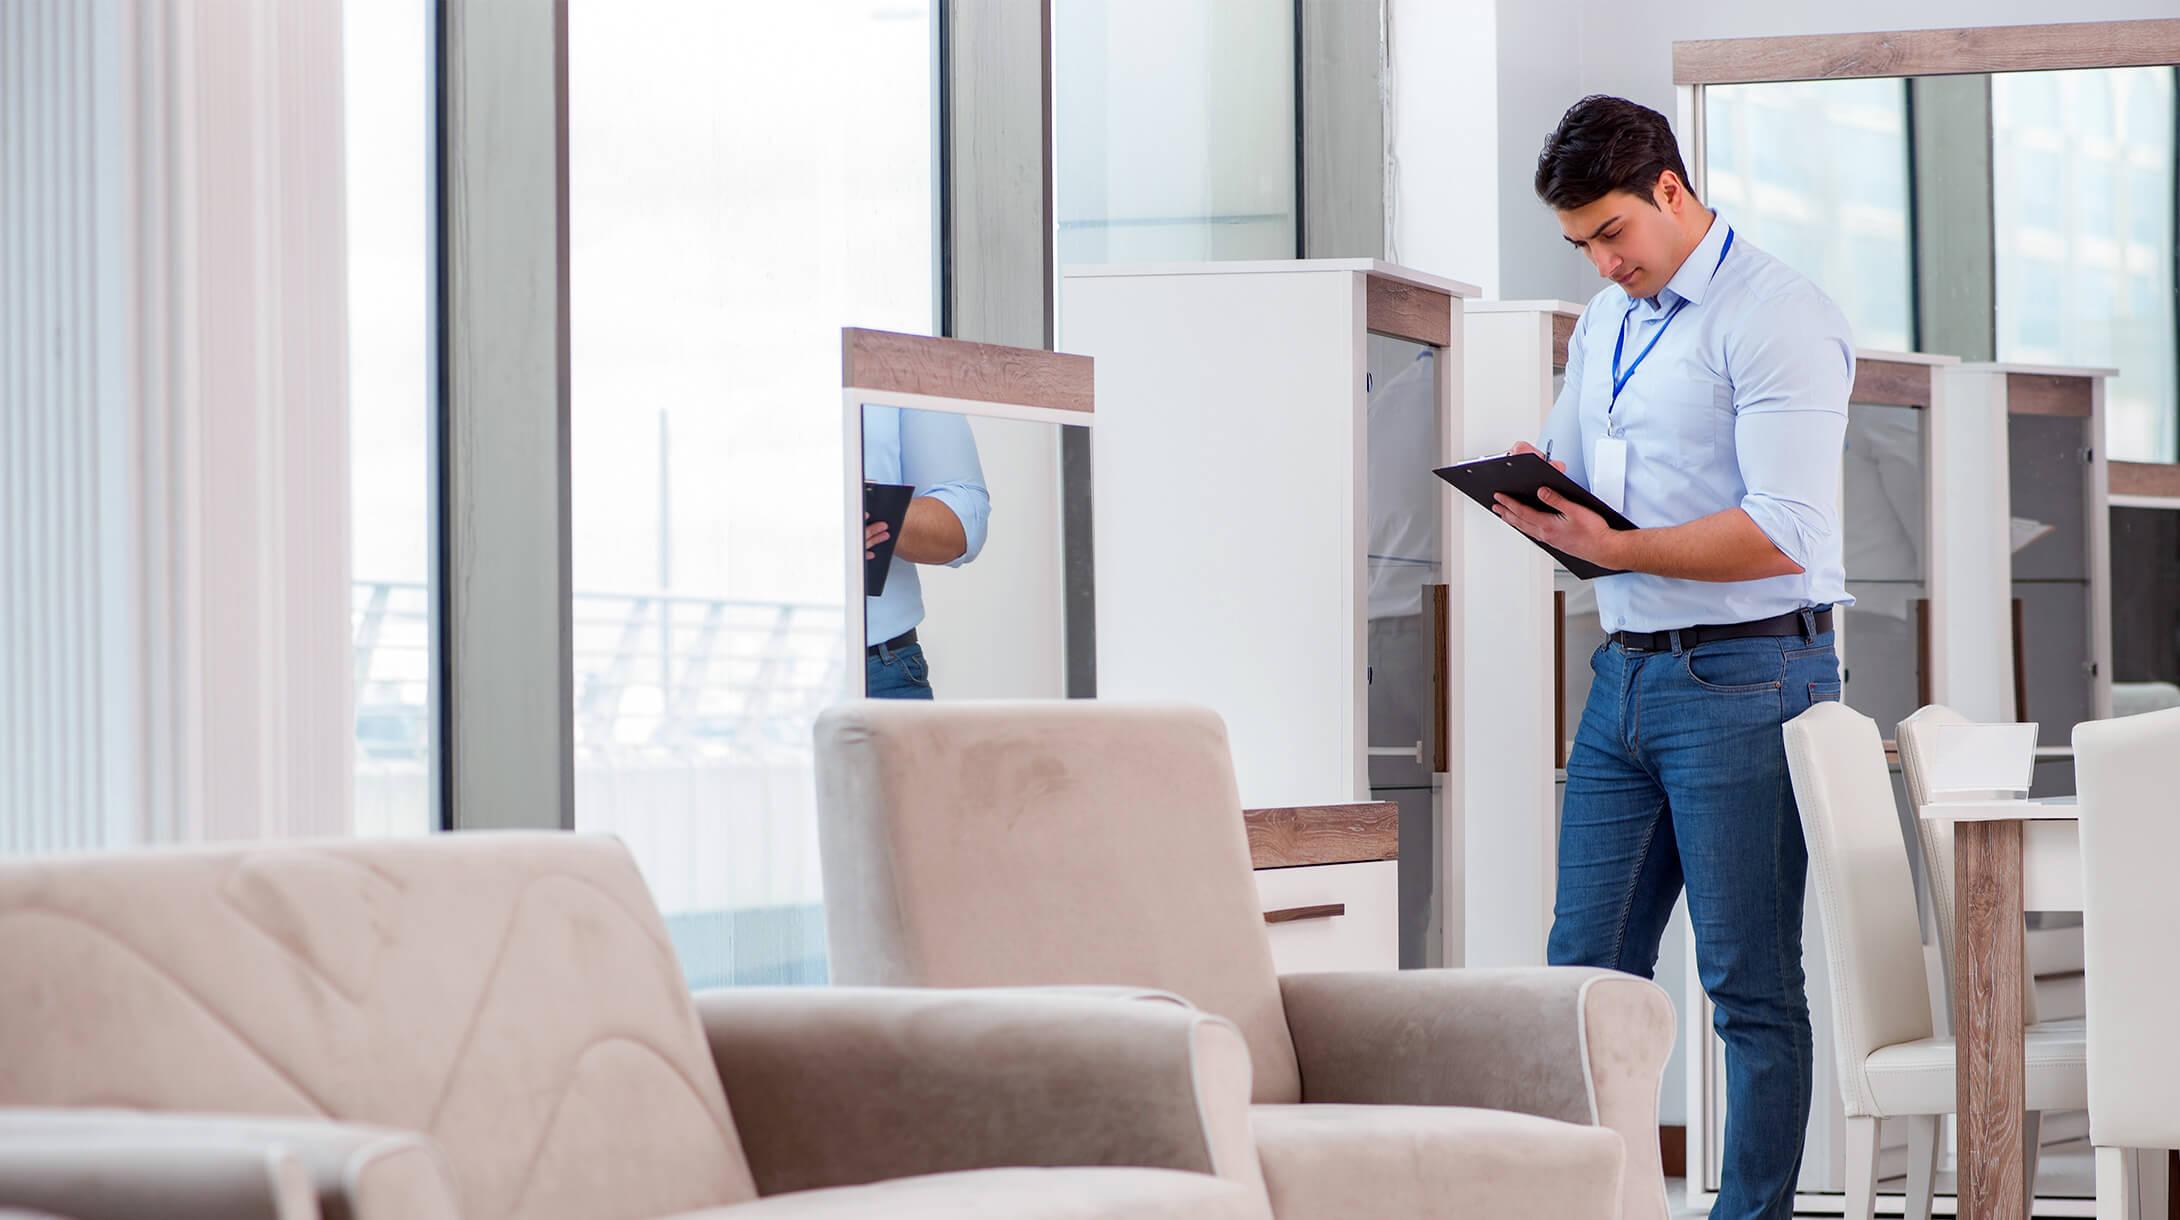 Client | DFS / Workforce